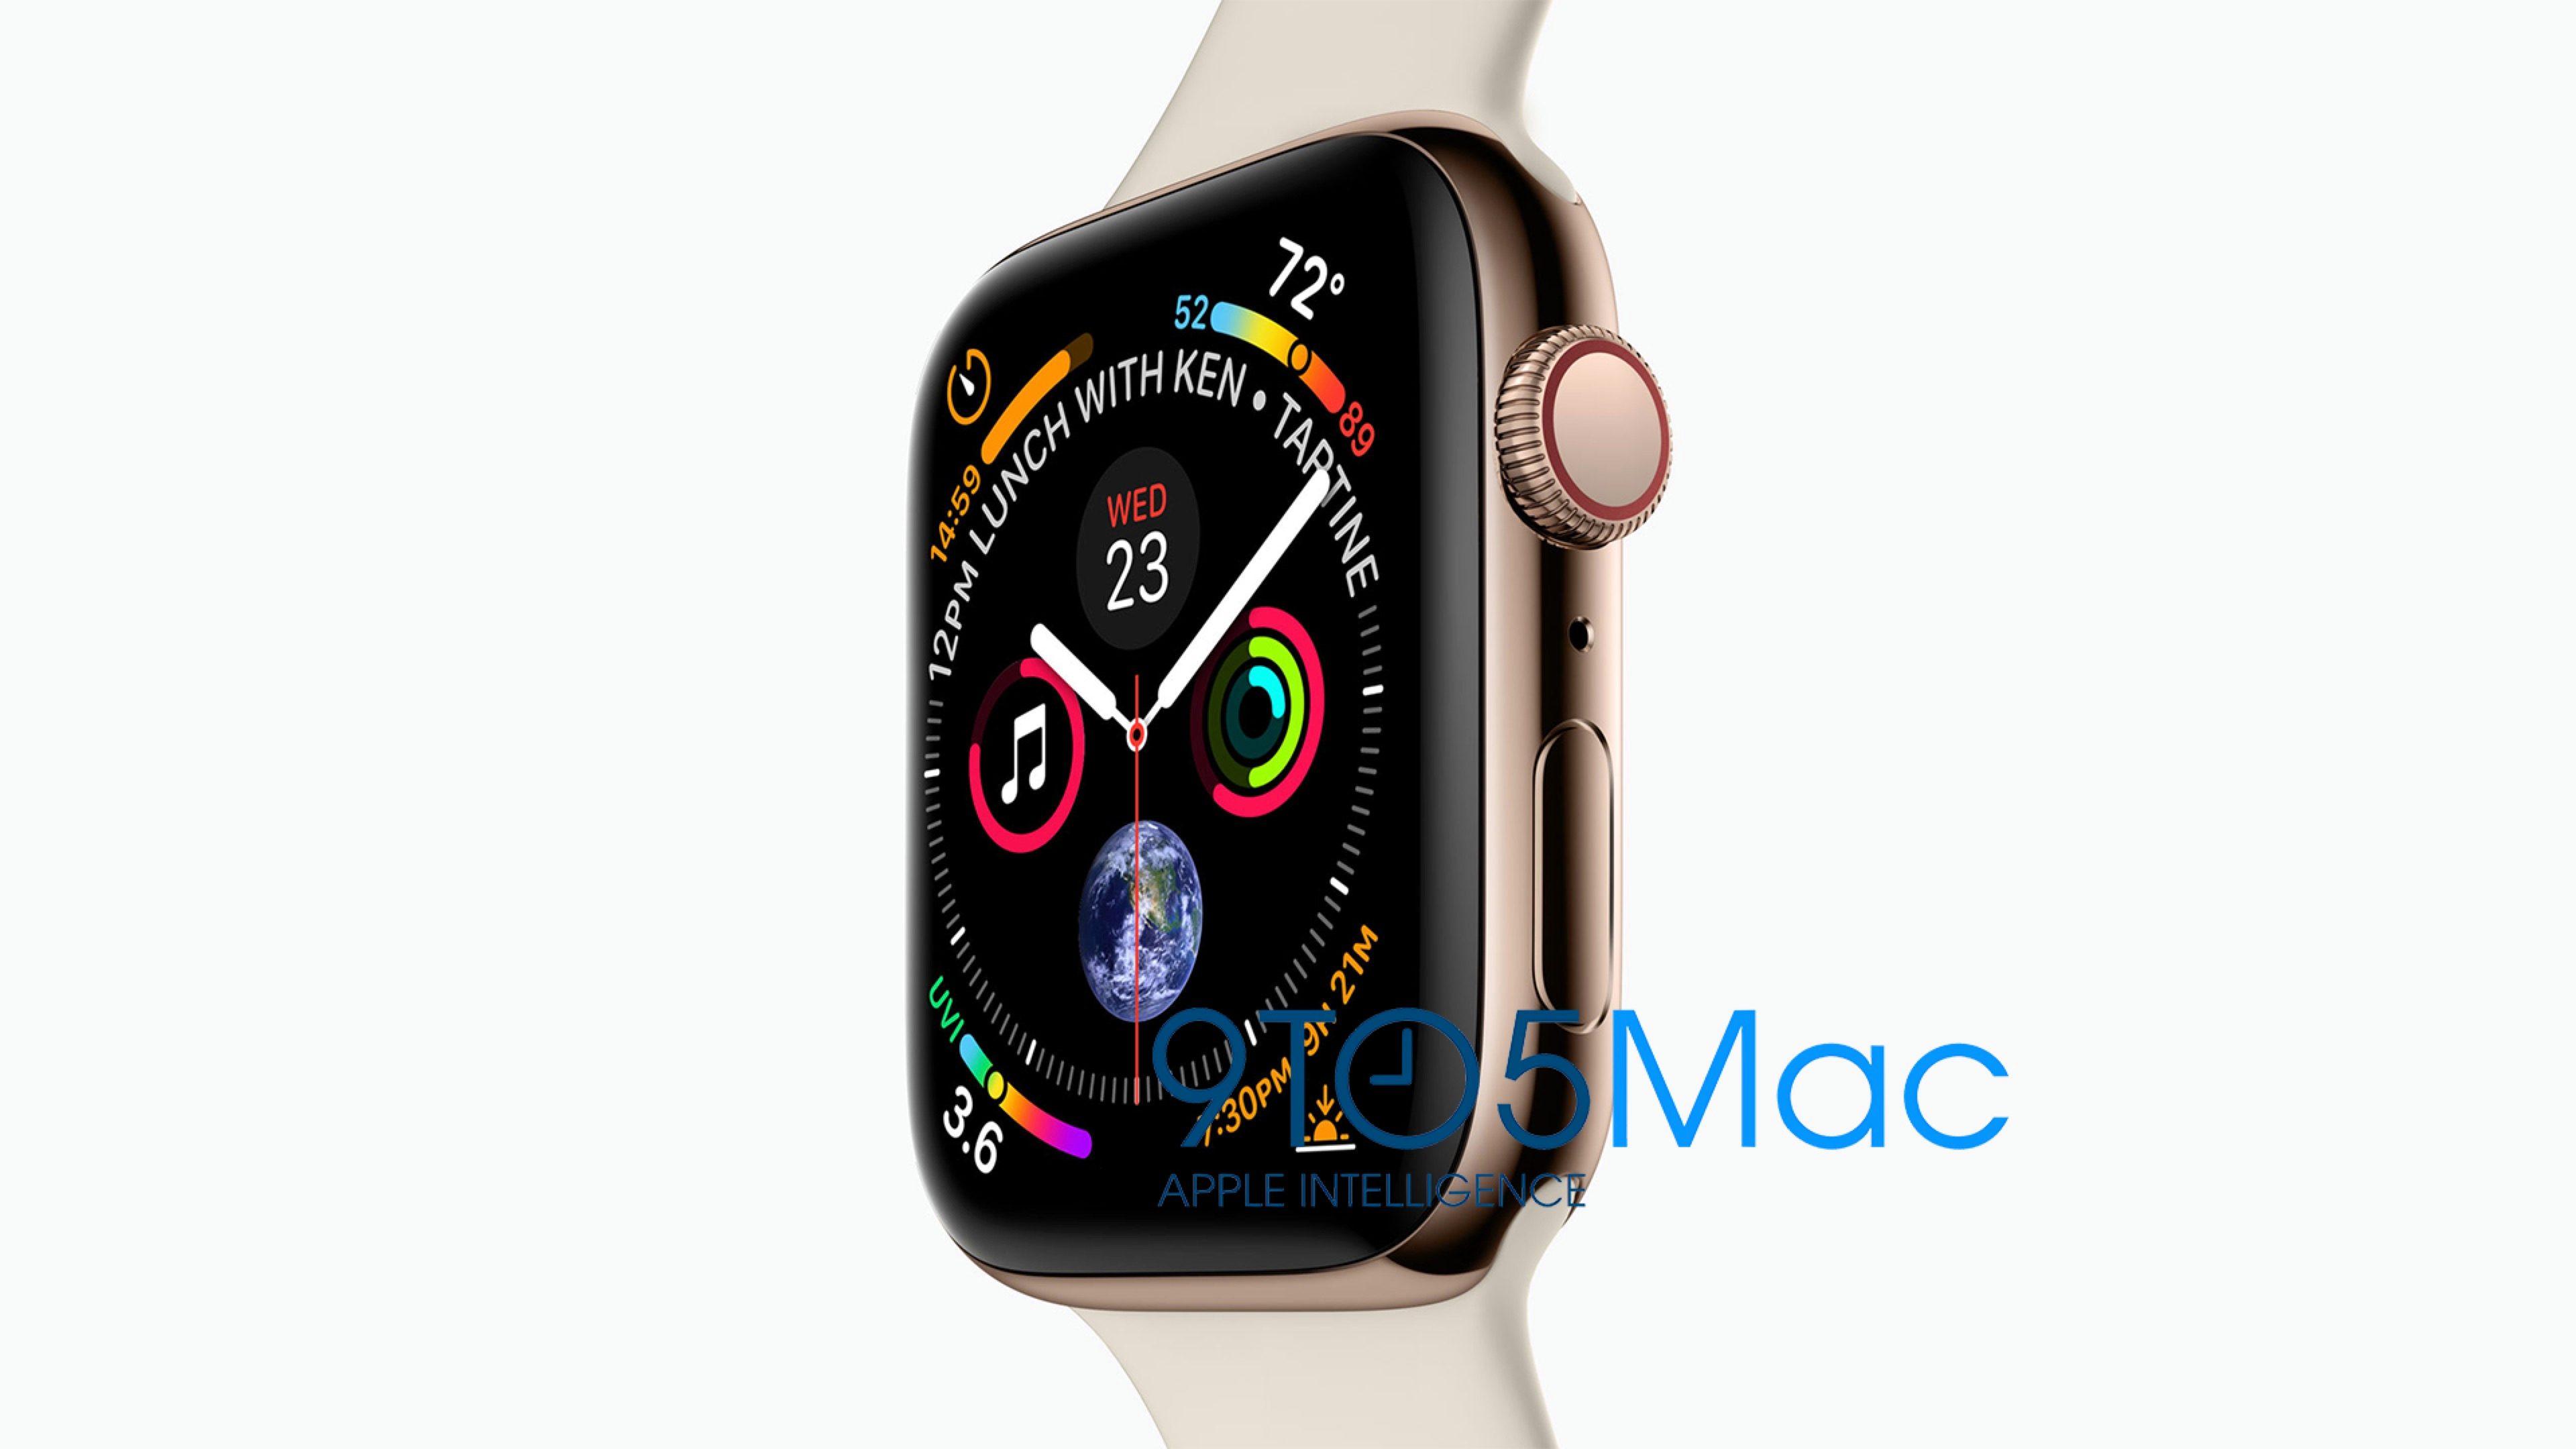 Premières images de l'iPhone XS, XS Plus et de la nouvelle Apple Watch 4 1